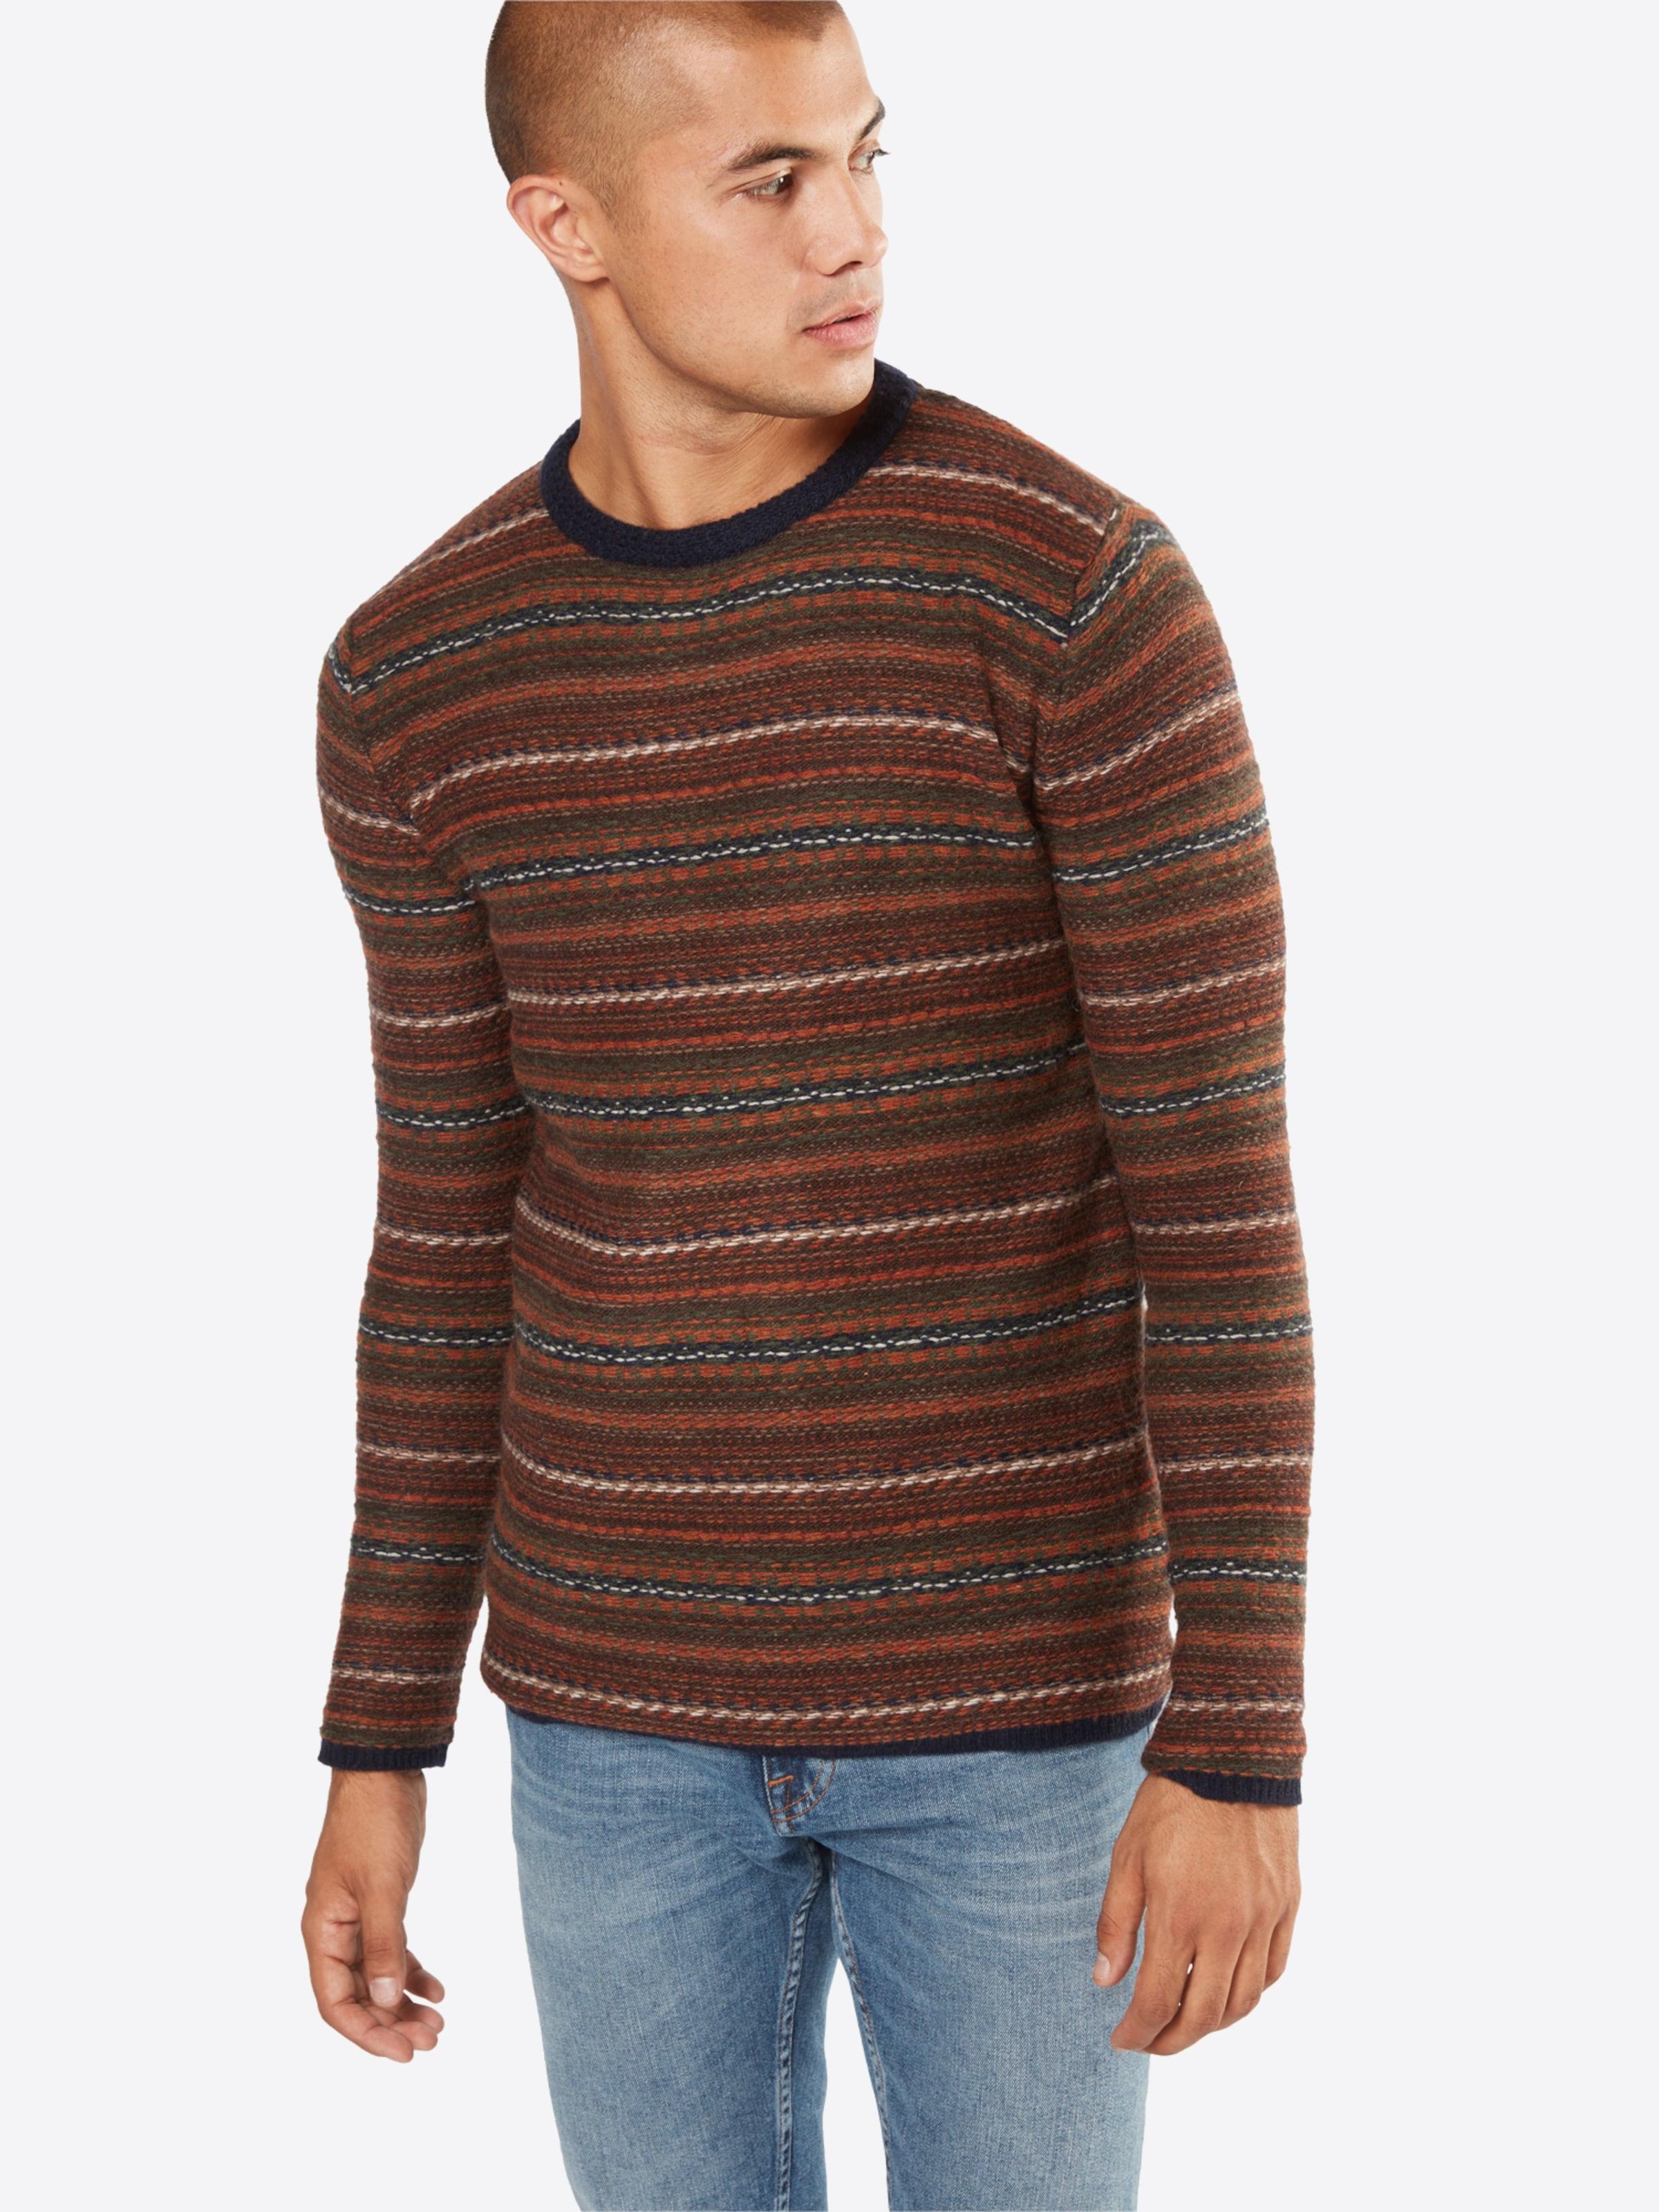 Mix Pullover Pullover aus aus anerkjendt anerkjendt 'Talen' Woll Mix Woll qa8HC